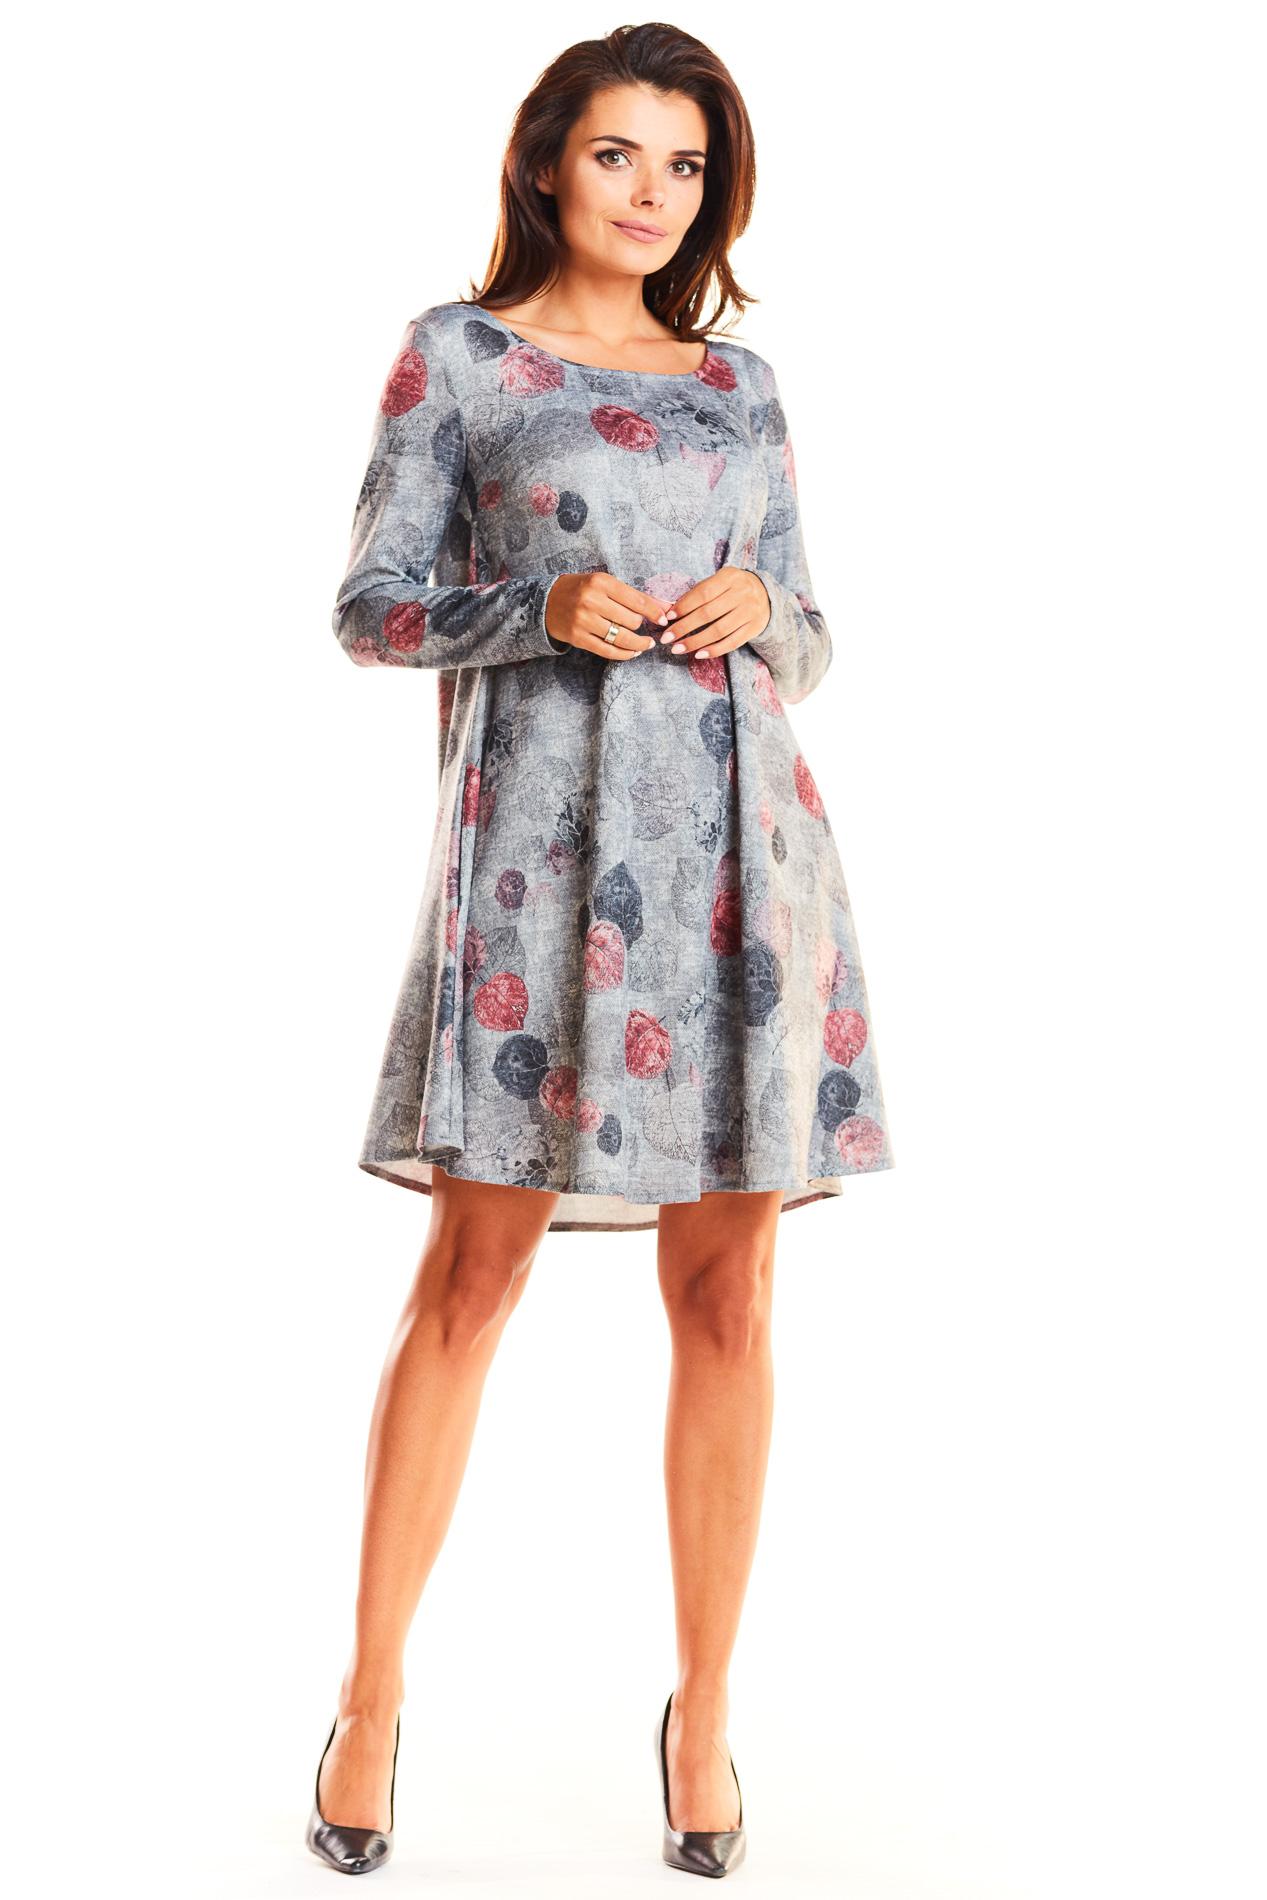 2598c8044bab6c Dzianinowa rozszerzana sukienka typu A - wysyłka kurierem już od 5,99 zł